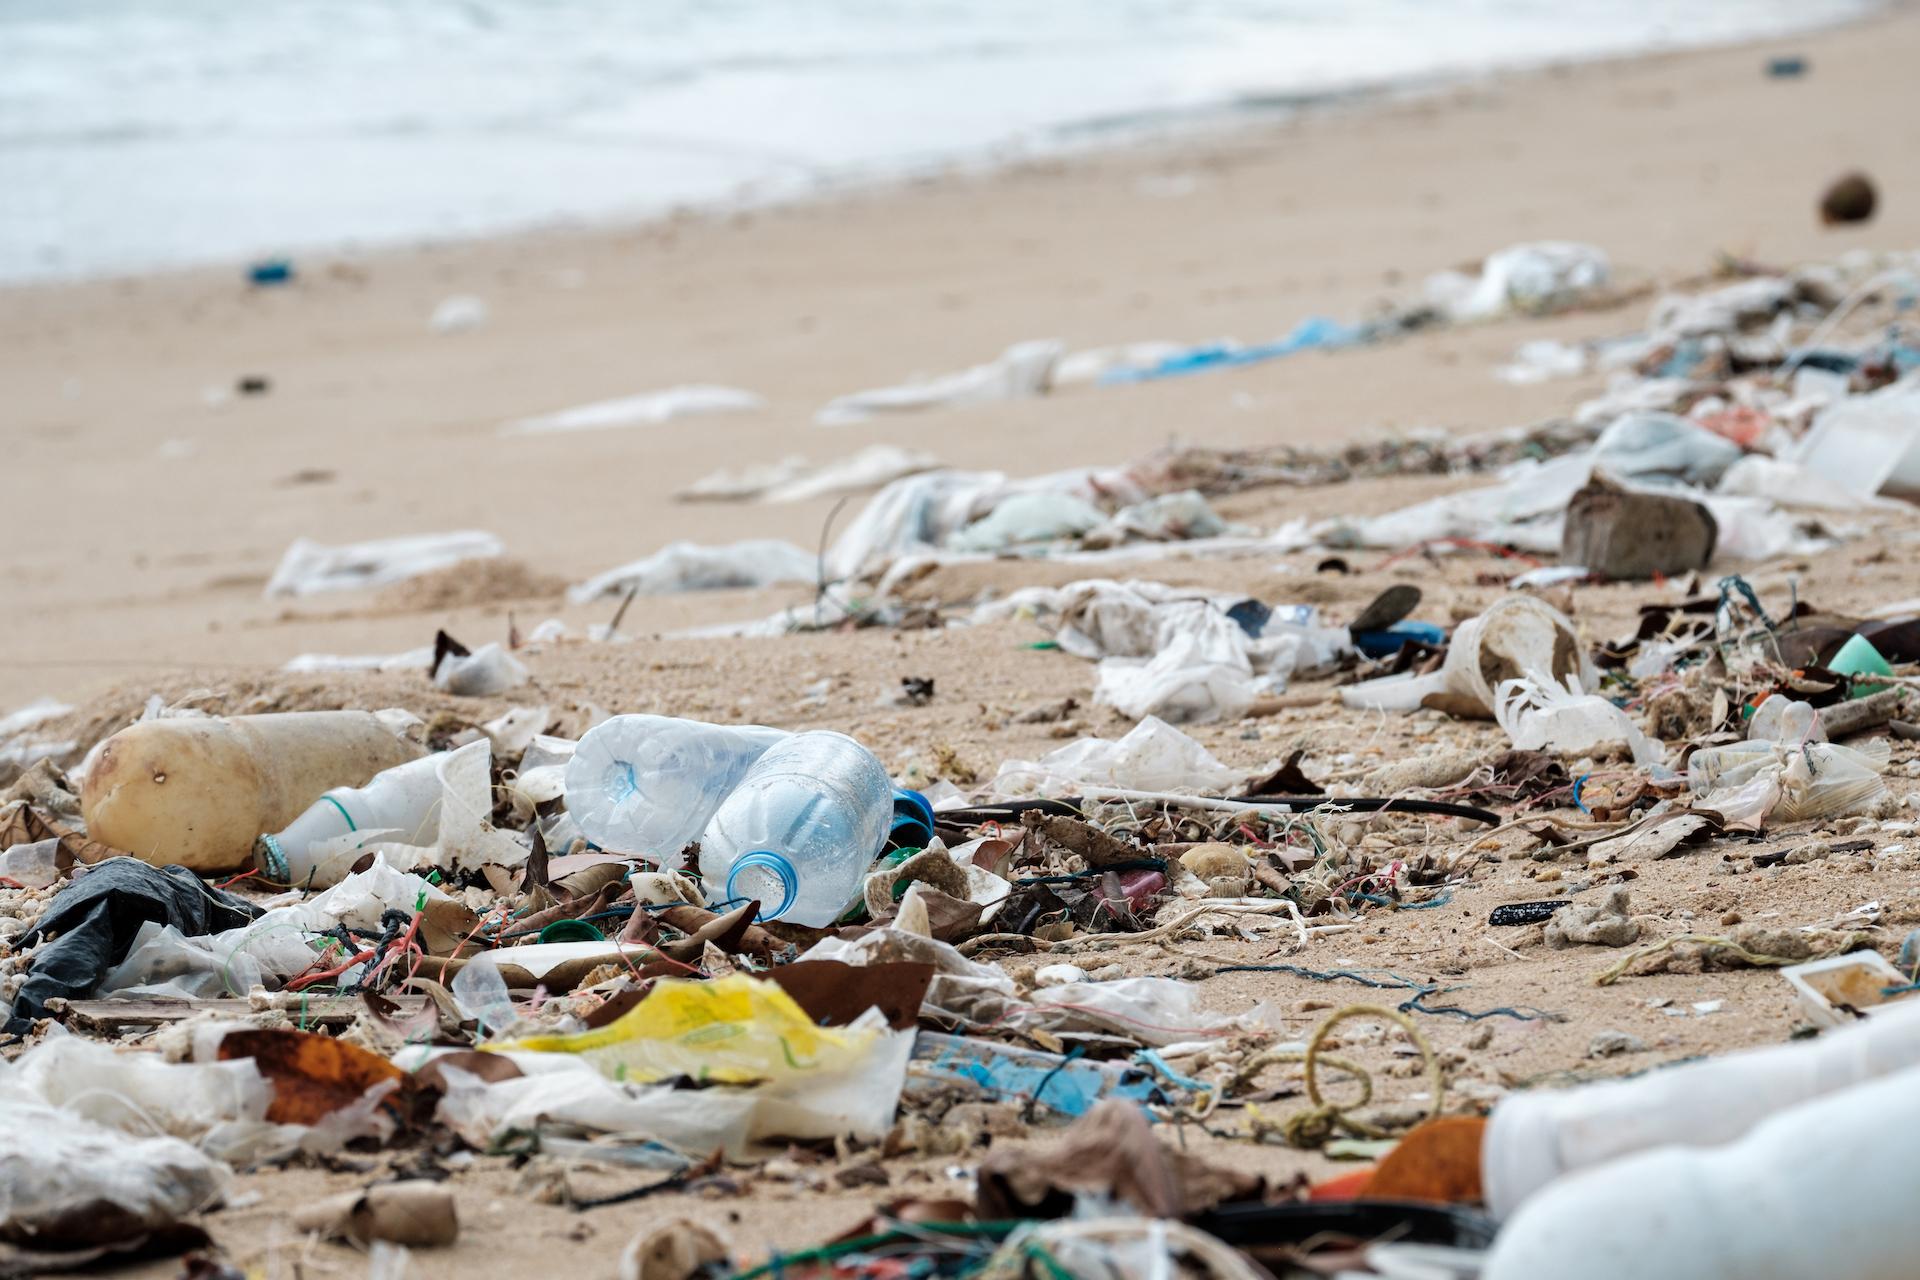 La campagna Worldrise per proteggere il mare dalle microplastiche.